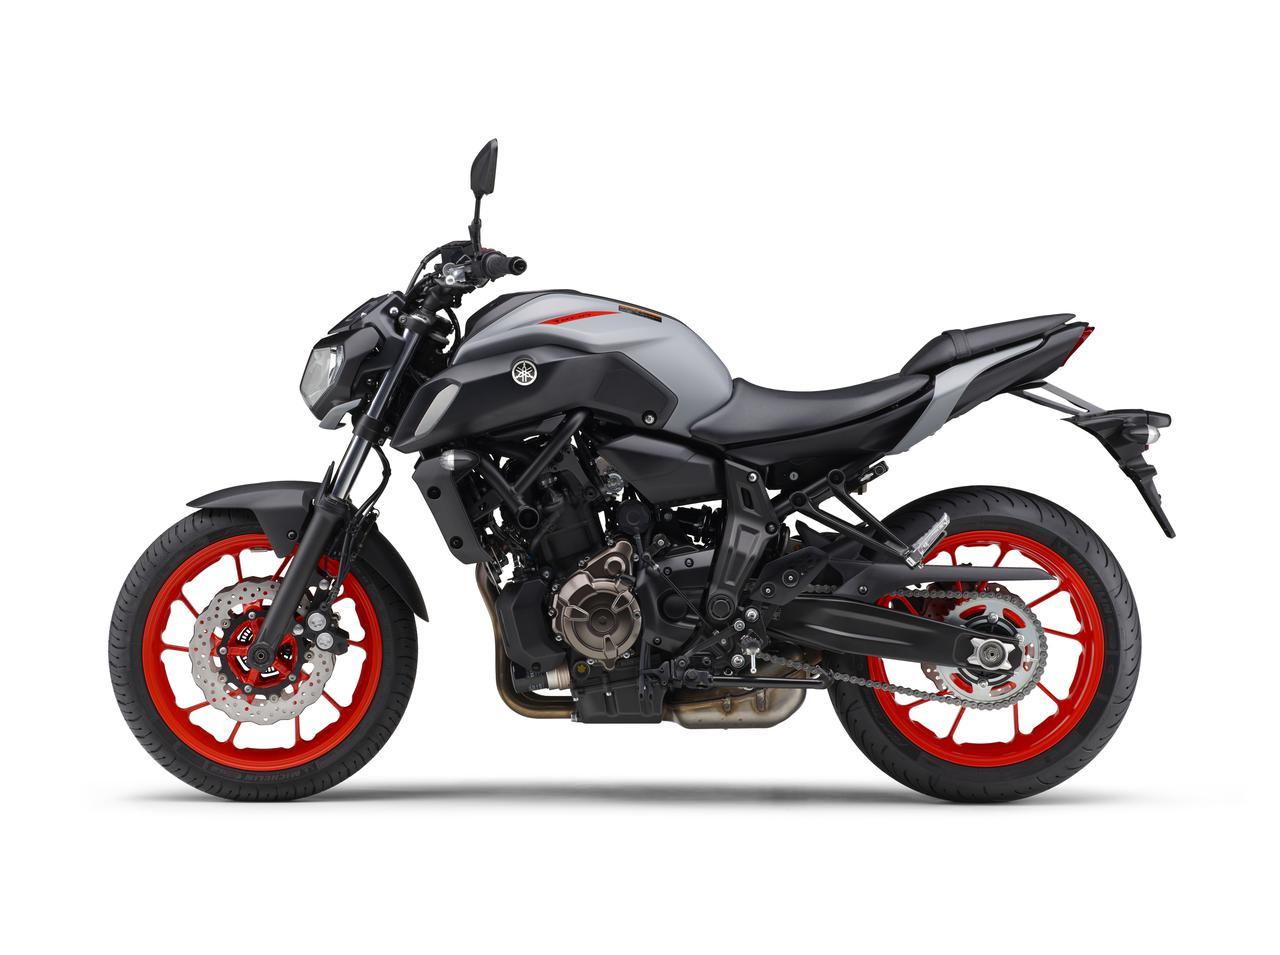 Images : 6番目の画像 - YAMAHA「MT-07 ABS」2020年モデルの写真 - webオートバイ